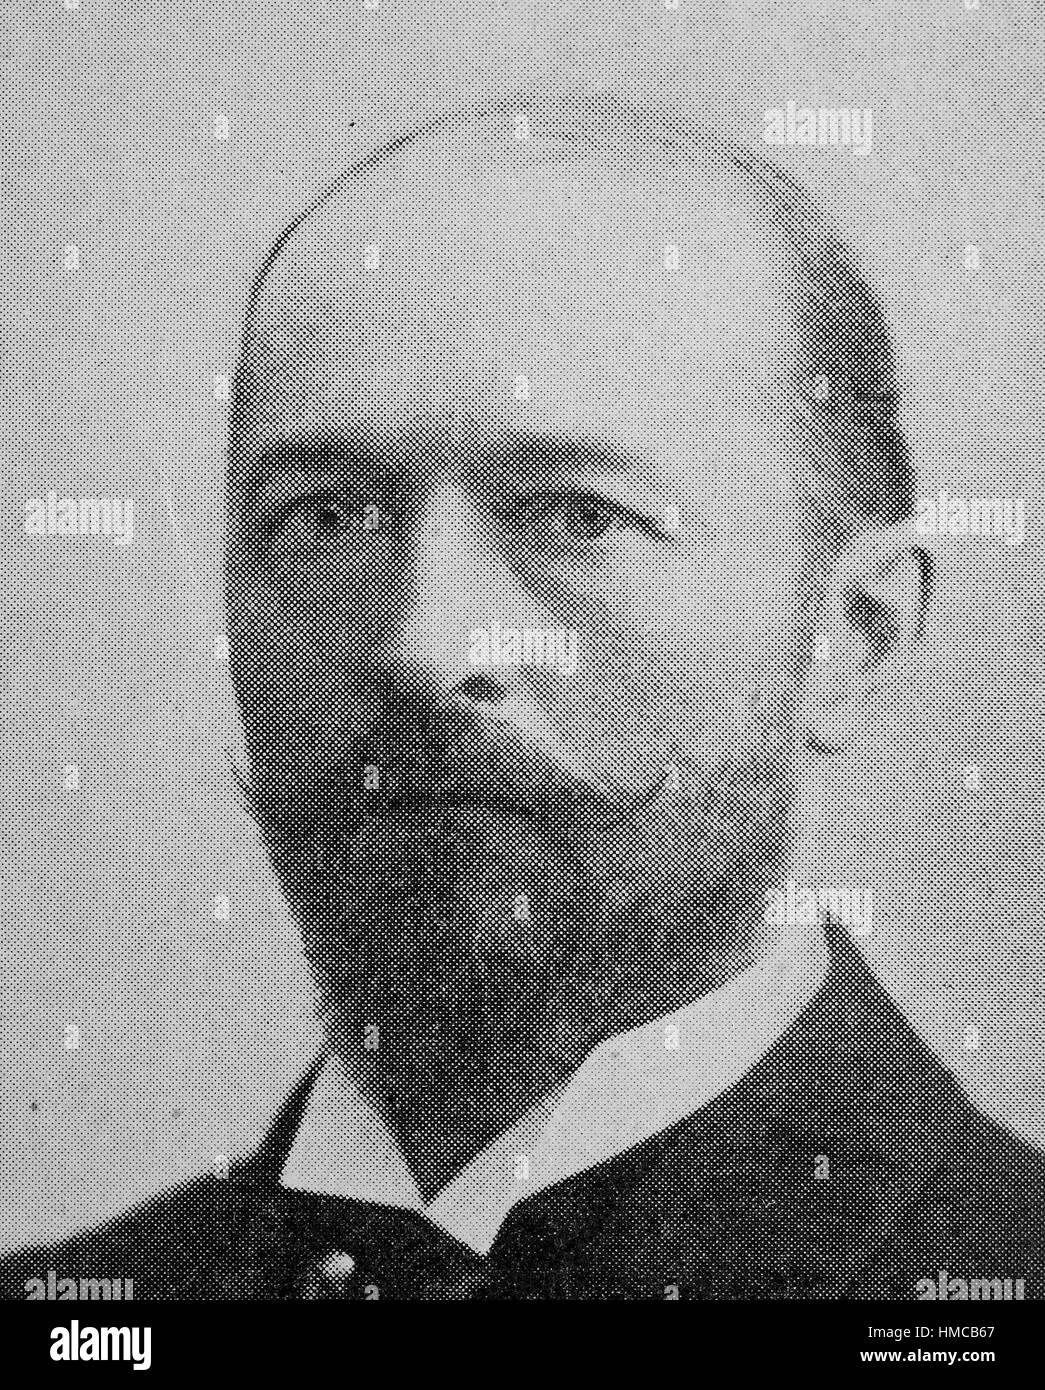 Emil von Behring, Emil Adolf von Behring,, wie Emil Adolf Behring geboren, 15. März 1854 - 31. März 1917, Stockbild